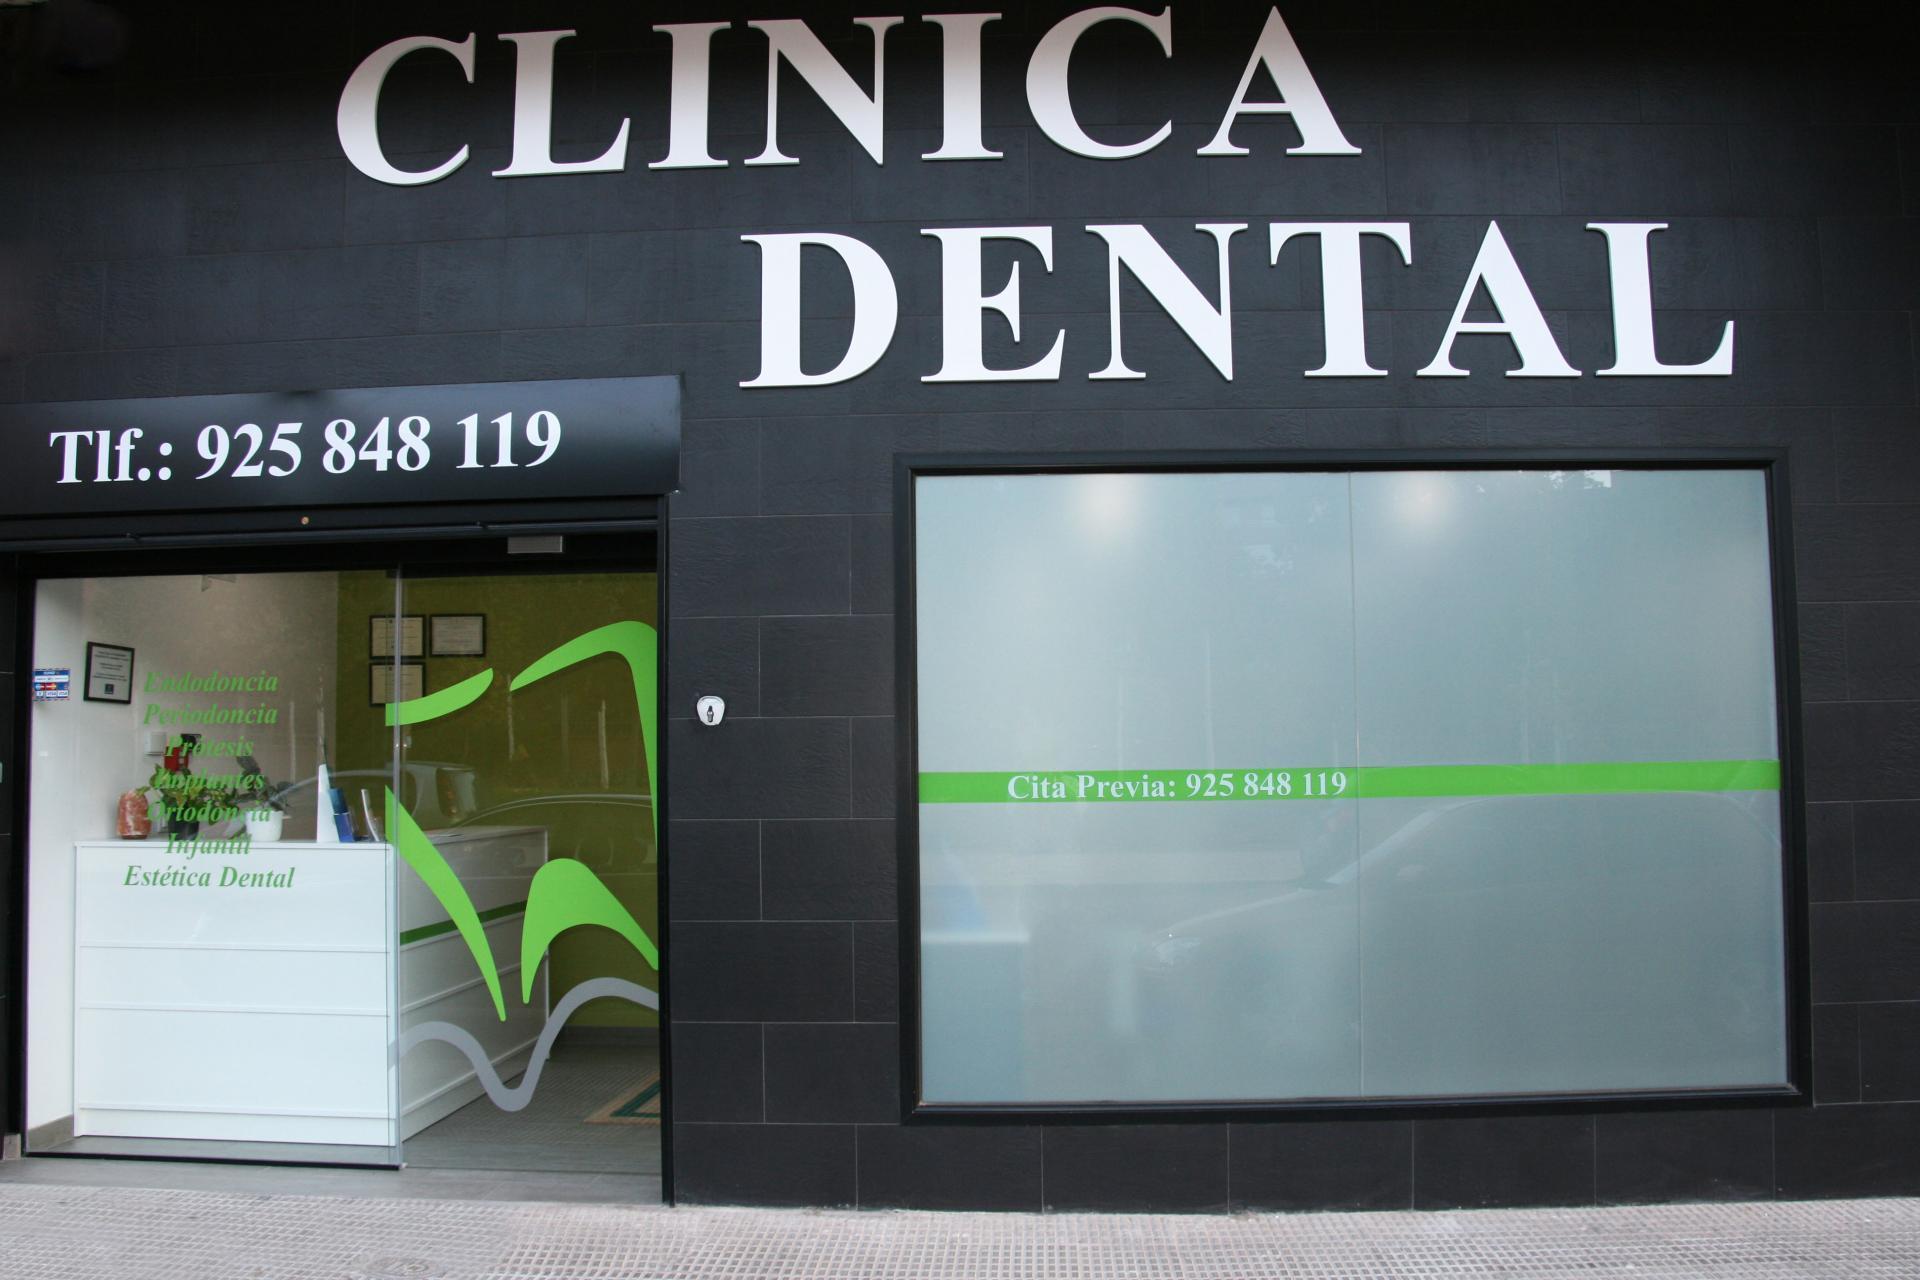 Instalaciones y material cl nica dental ismael coleto - Fachadas clinicas dentales ...